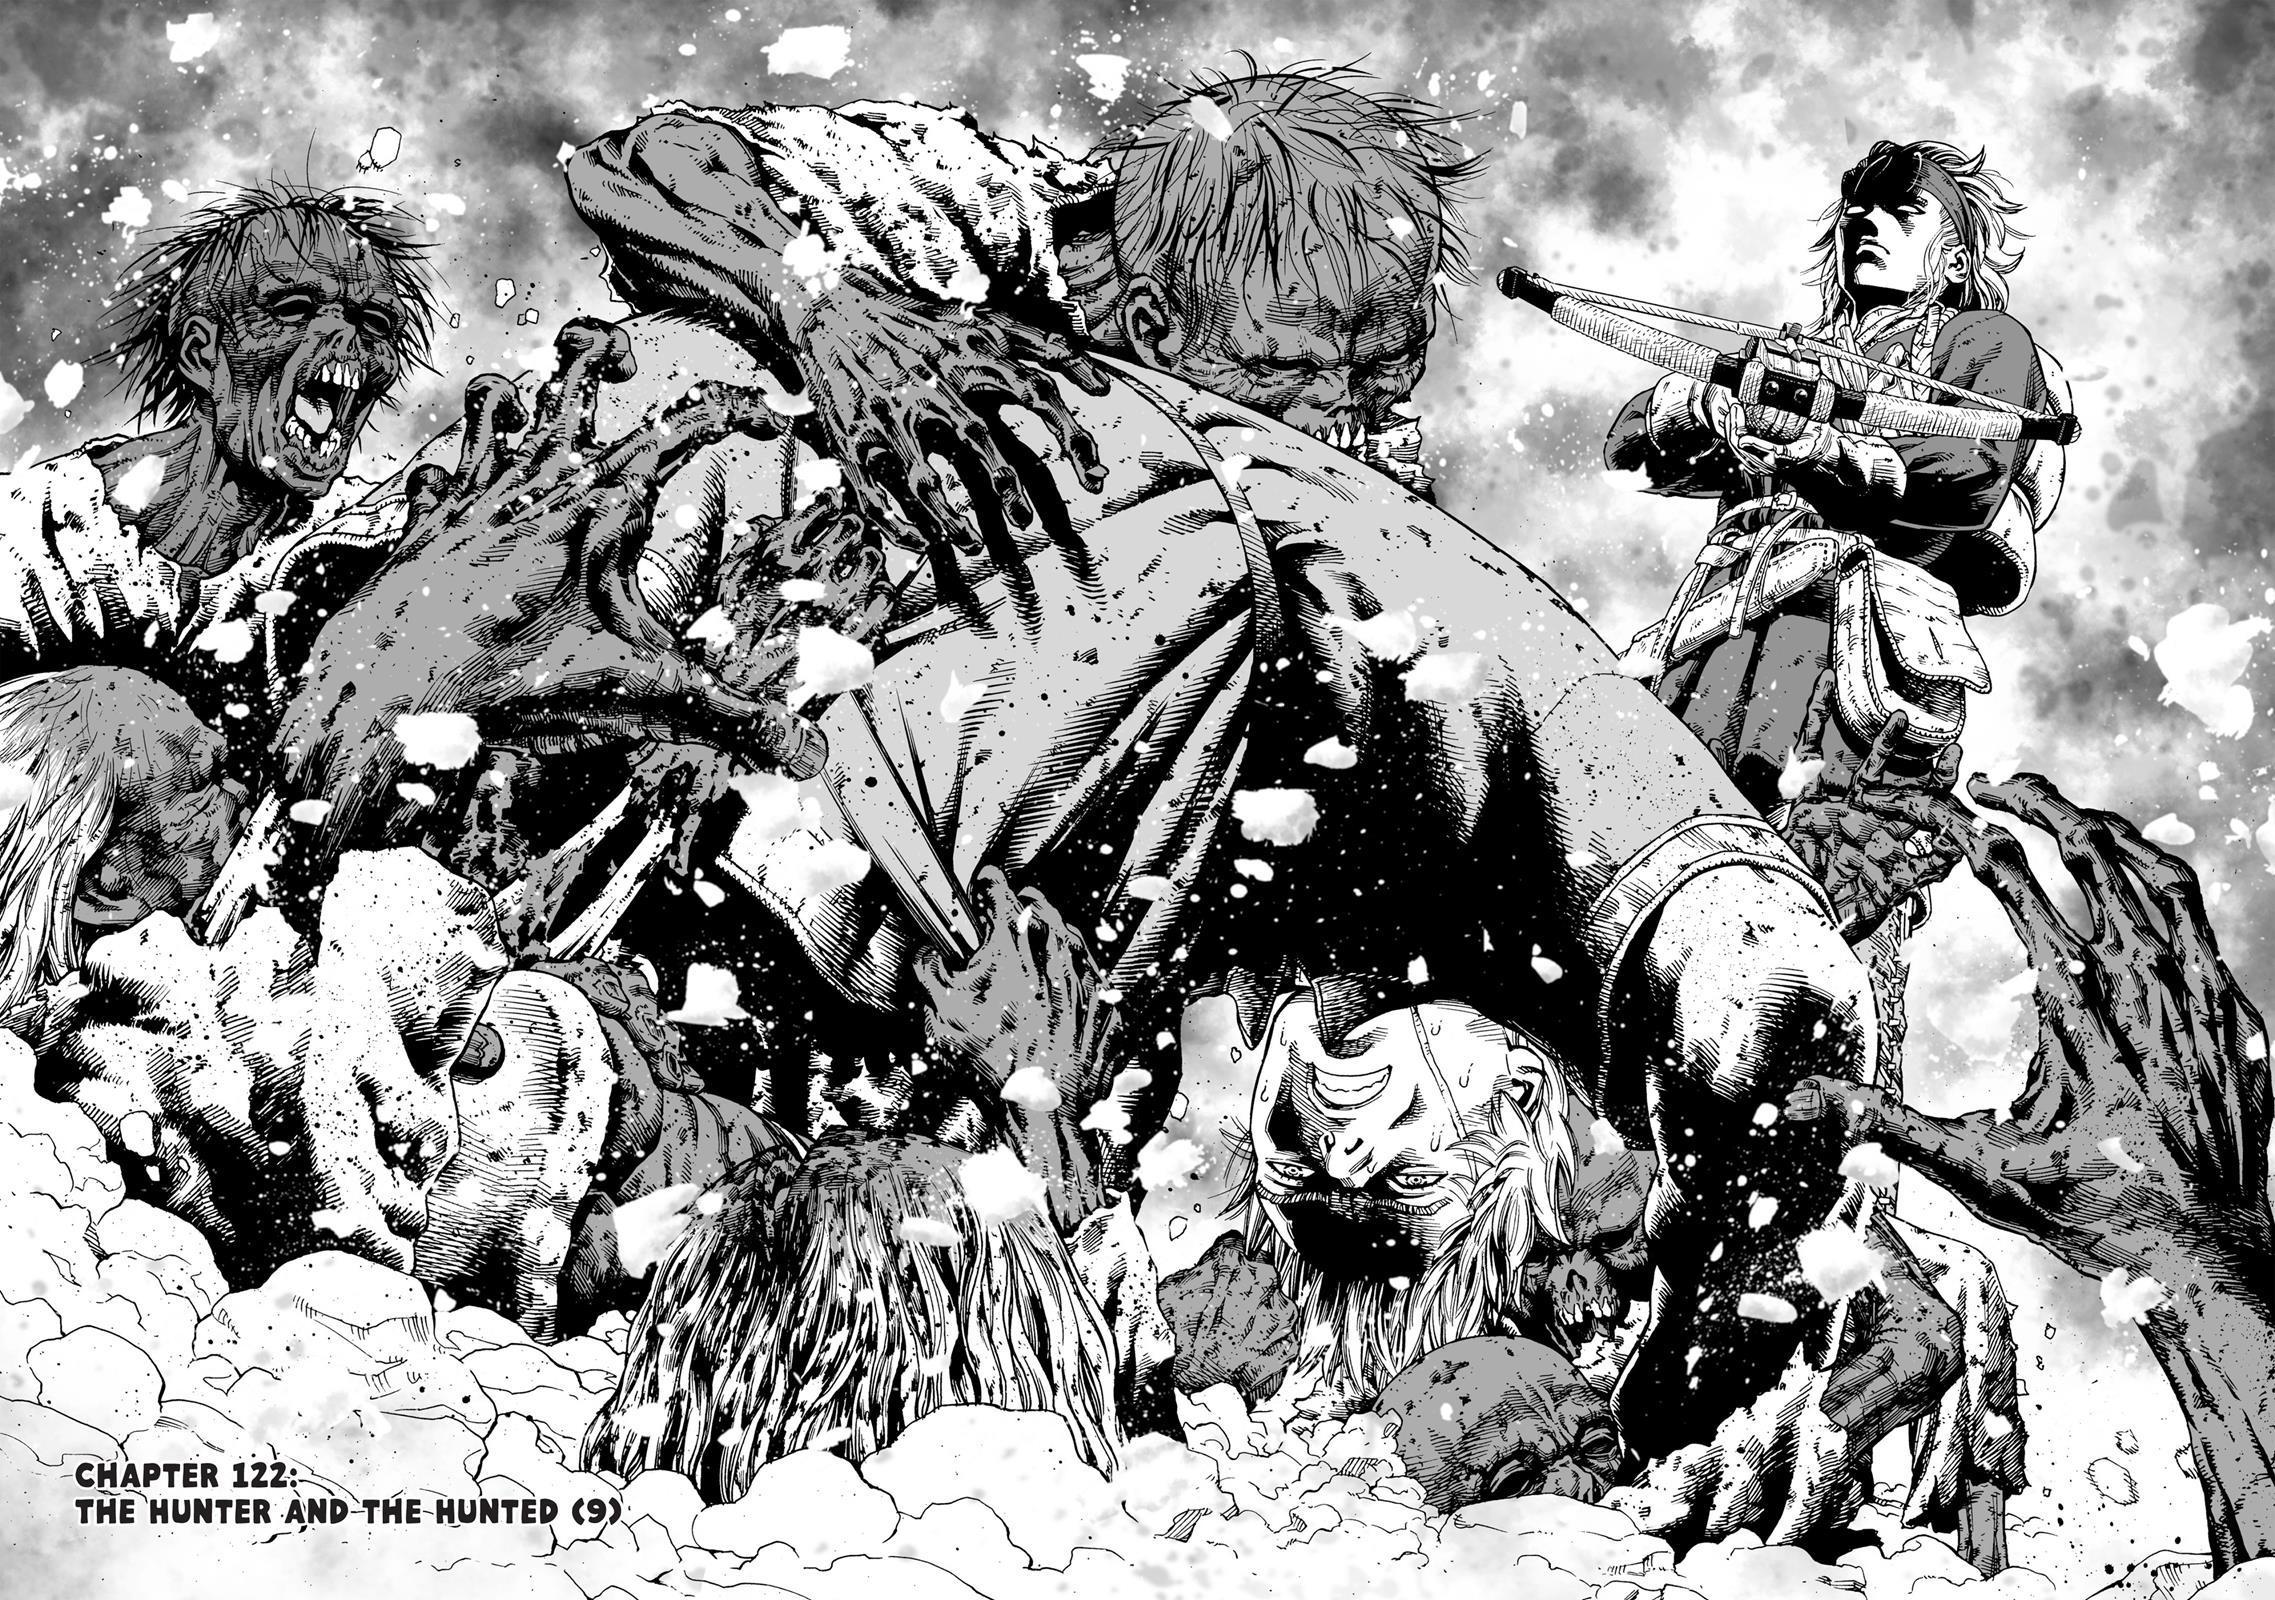 5 Historical Manga dengan Cerita dan Aksi yang Memukau Mata 5